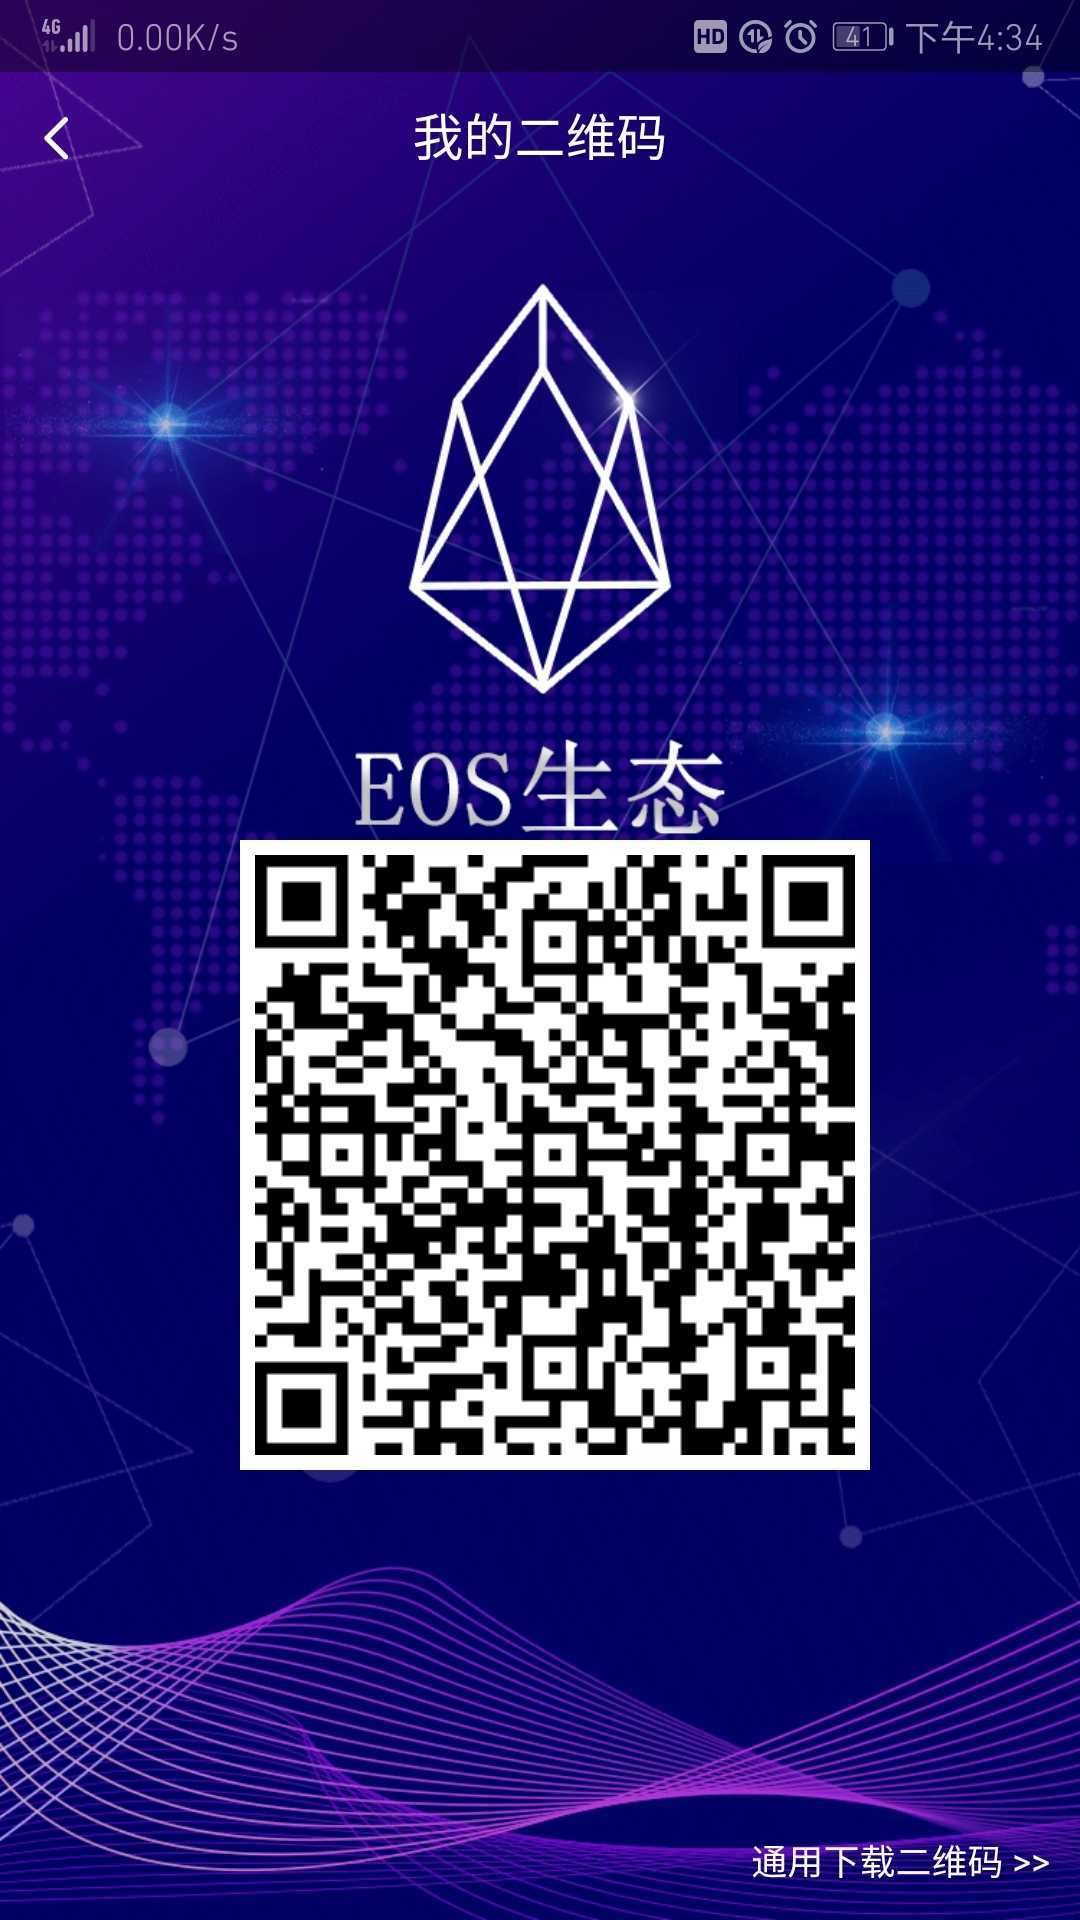 http://sucai.58100.com/data/upload/images/202003/158520287570452.jpg